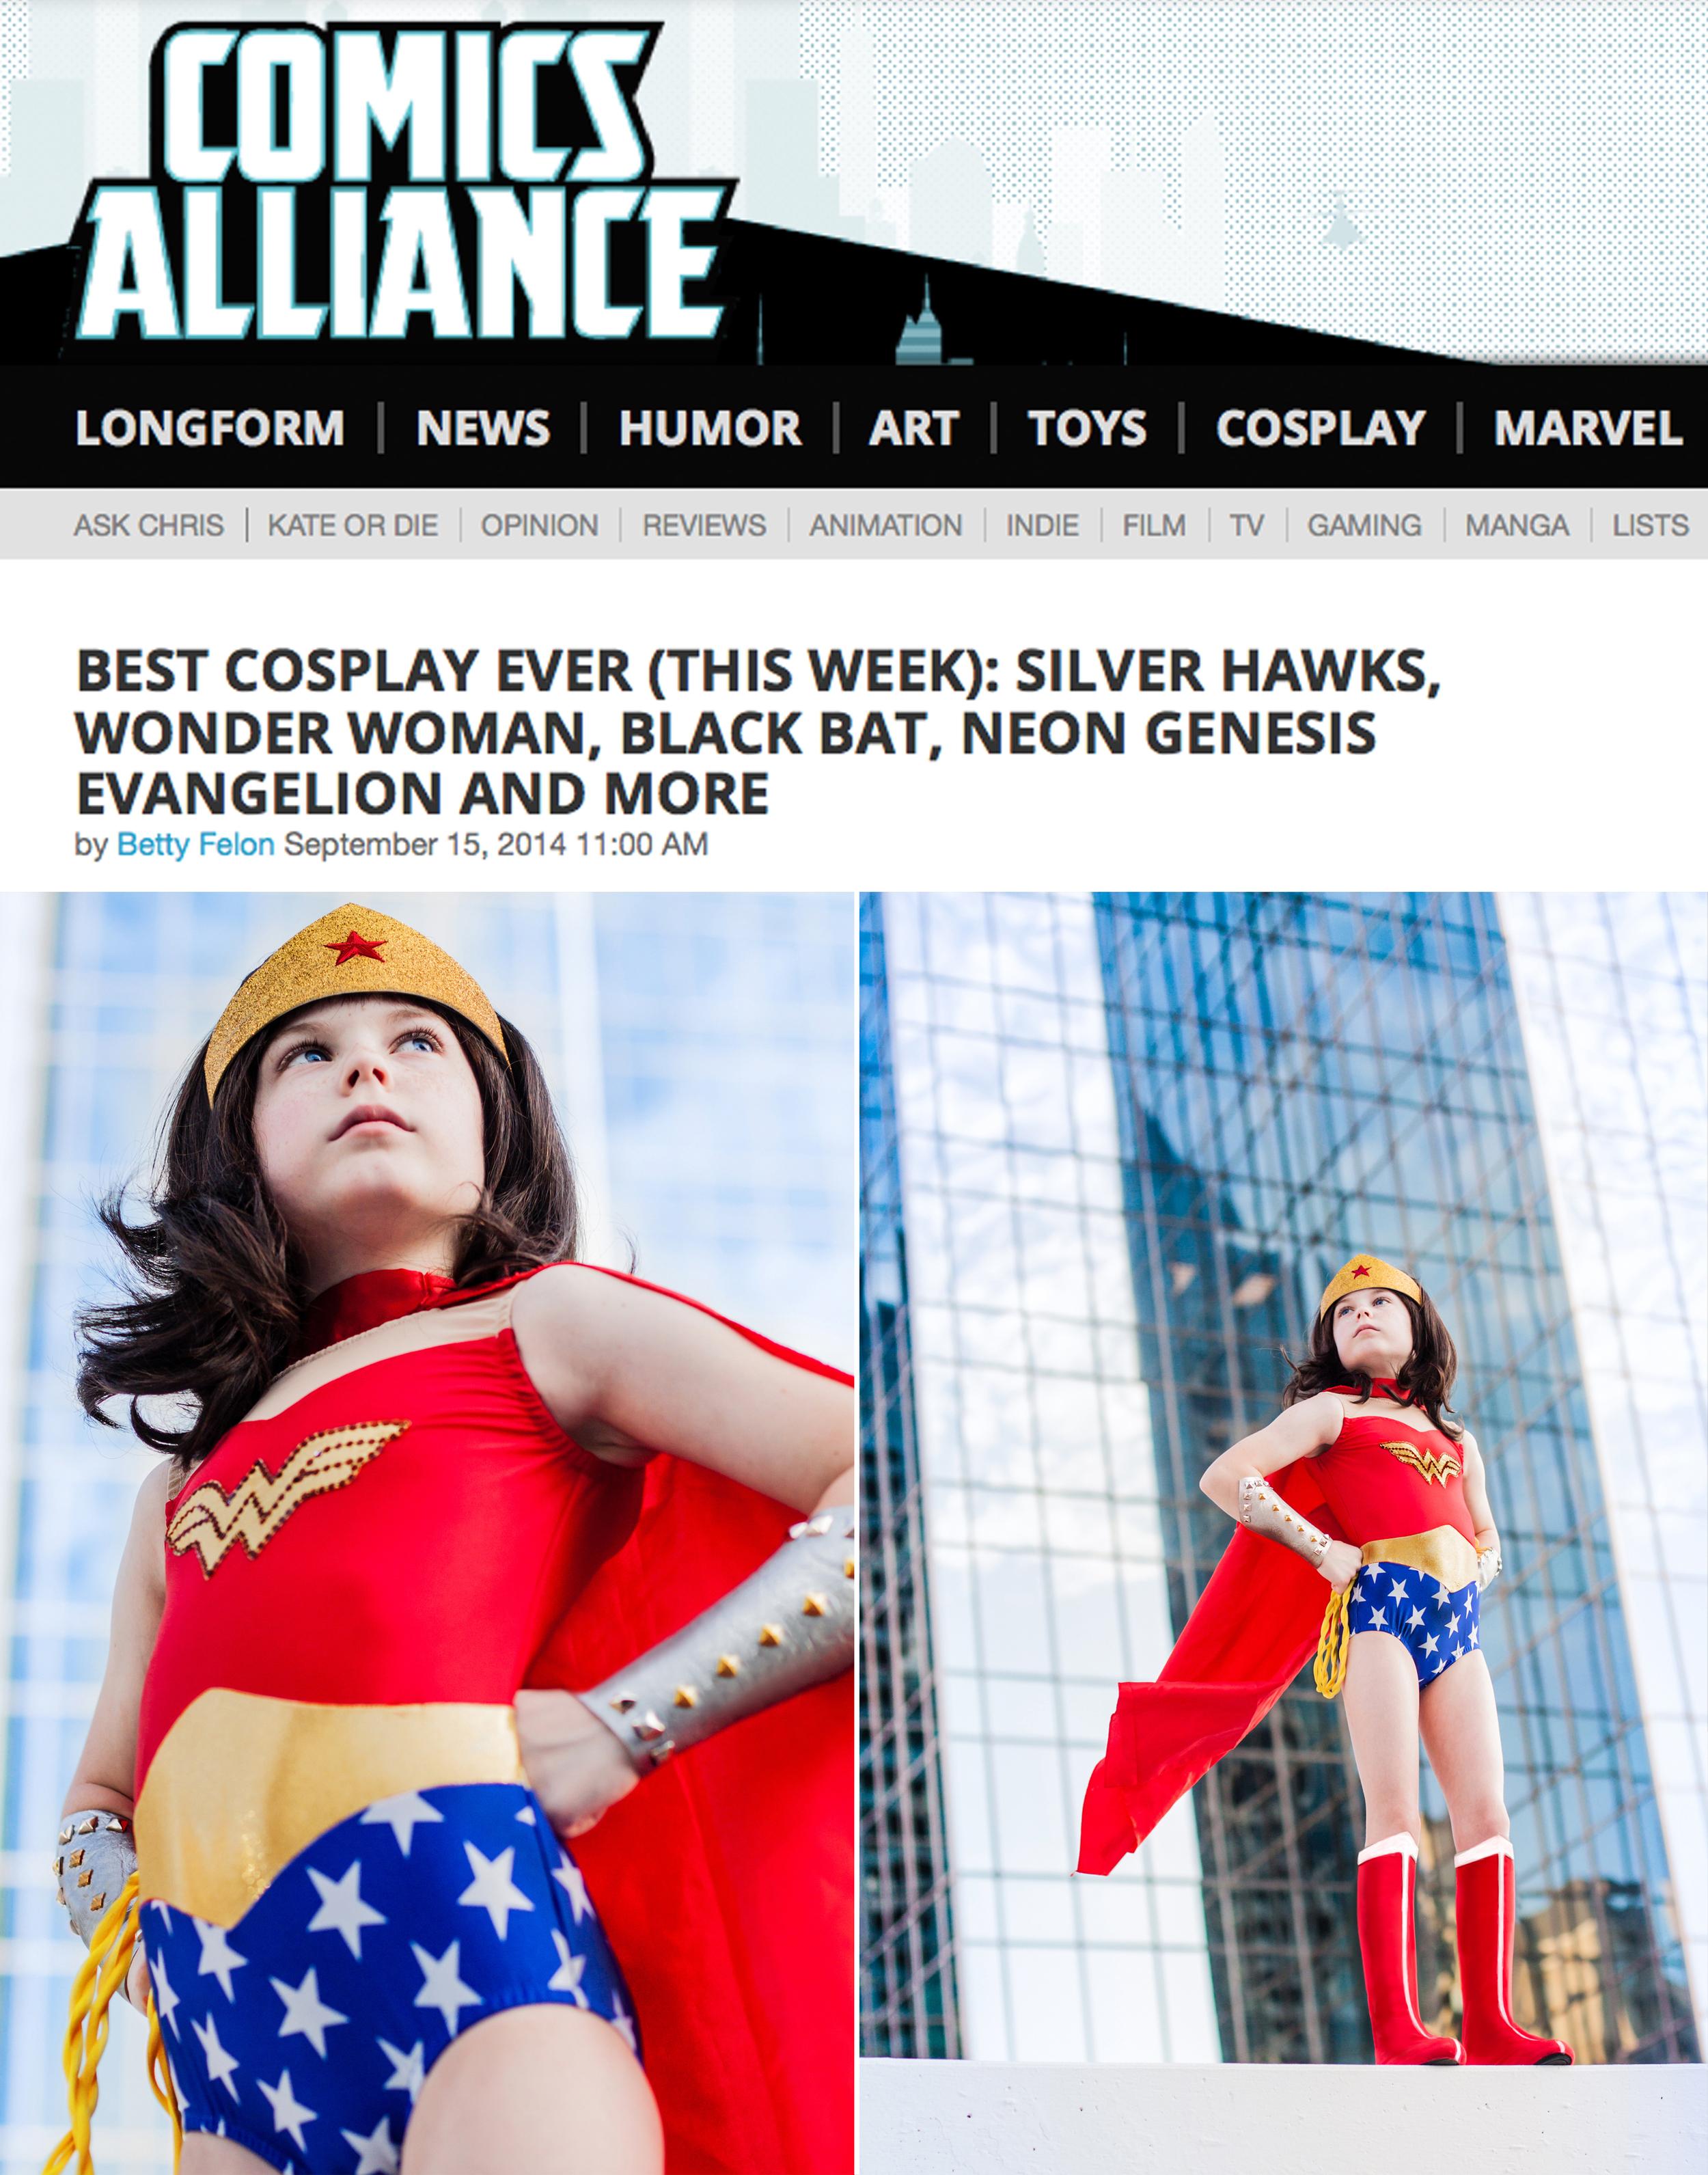 Alice Lewis as Wonder Woman